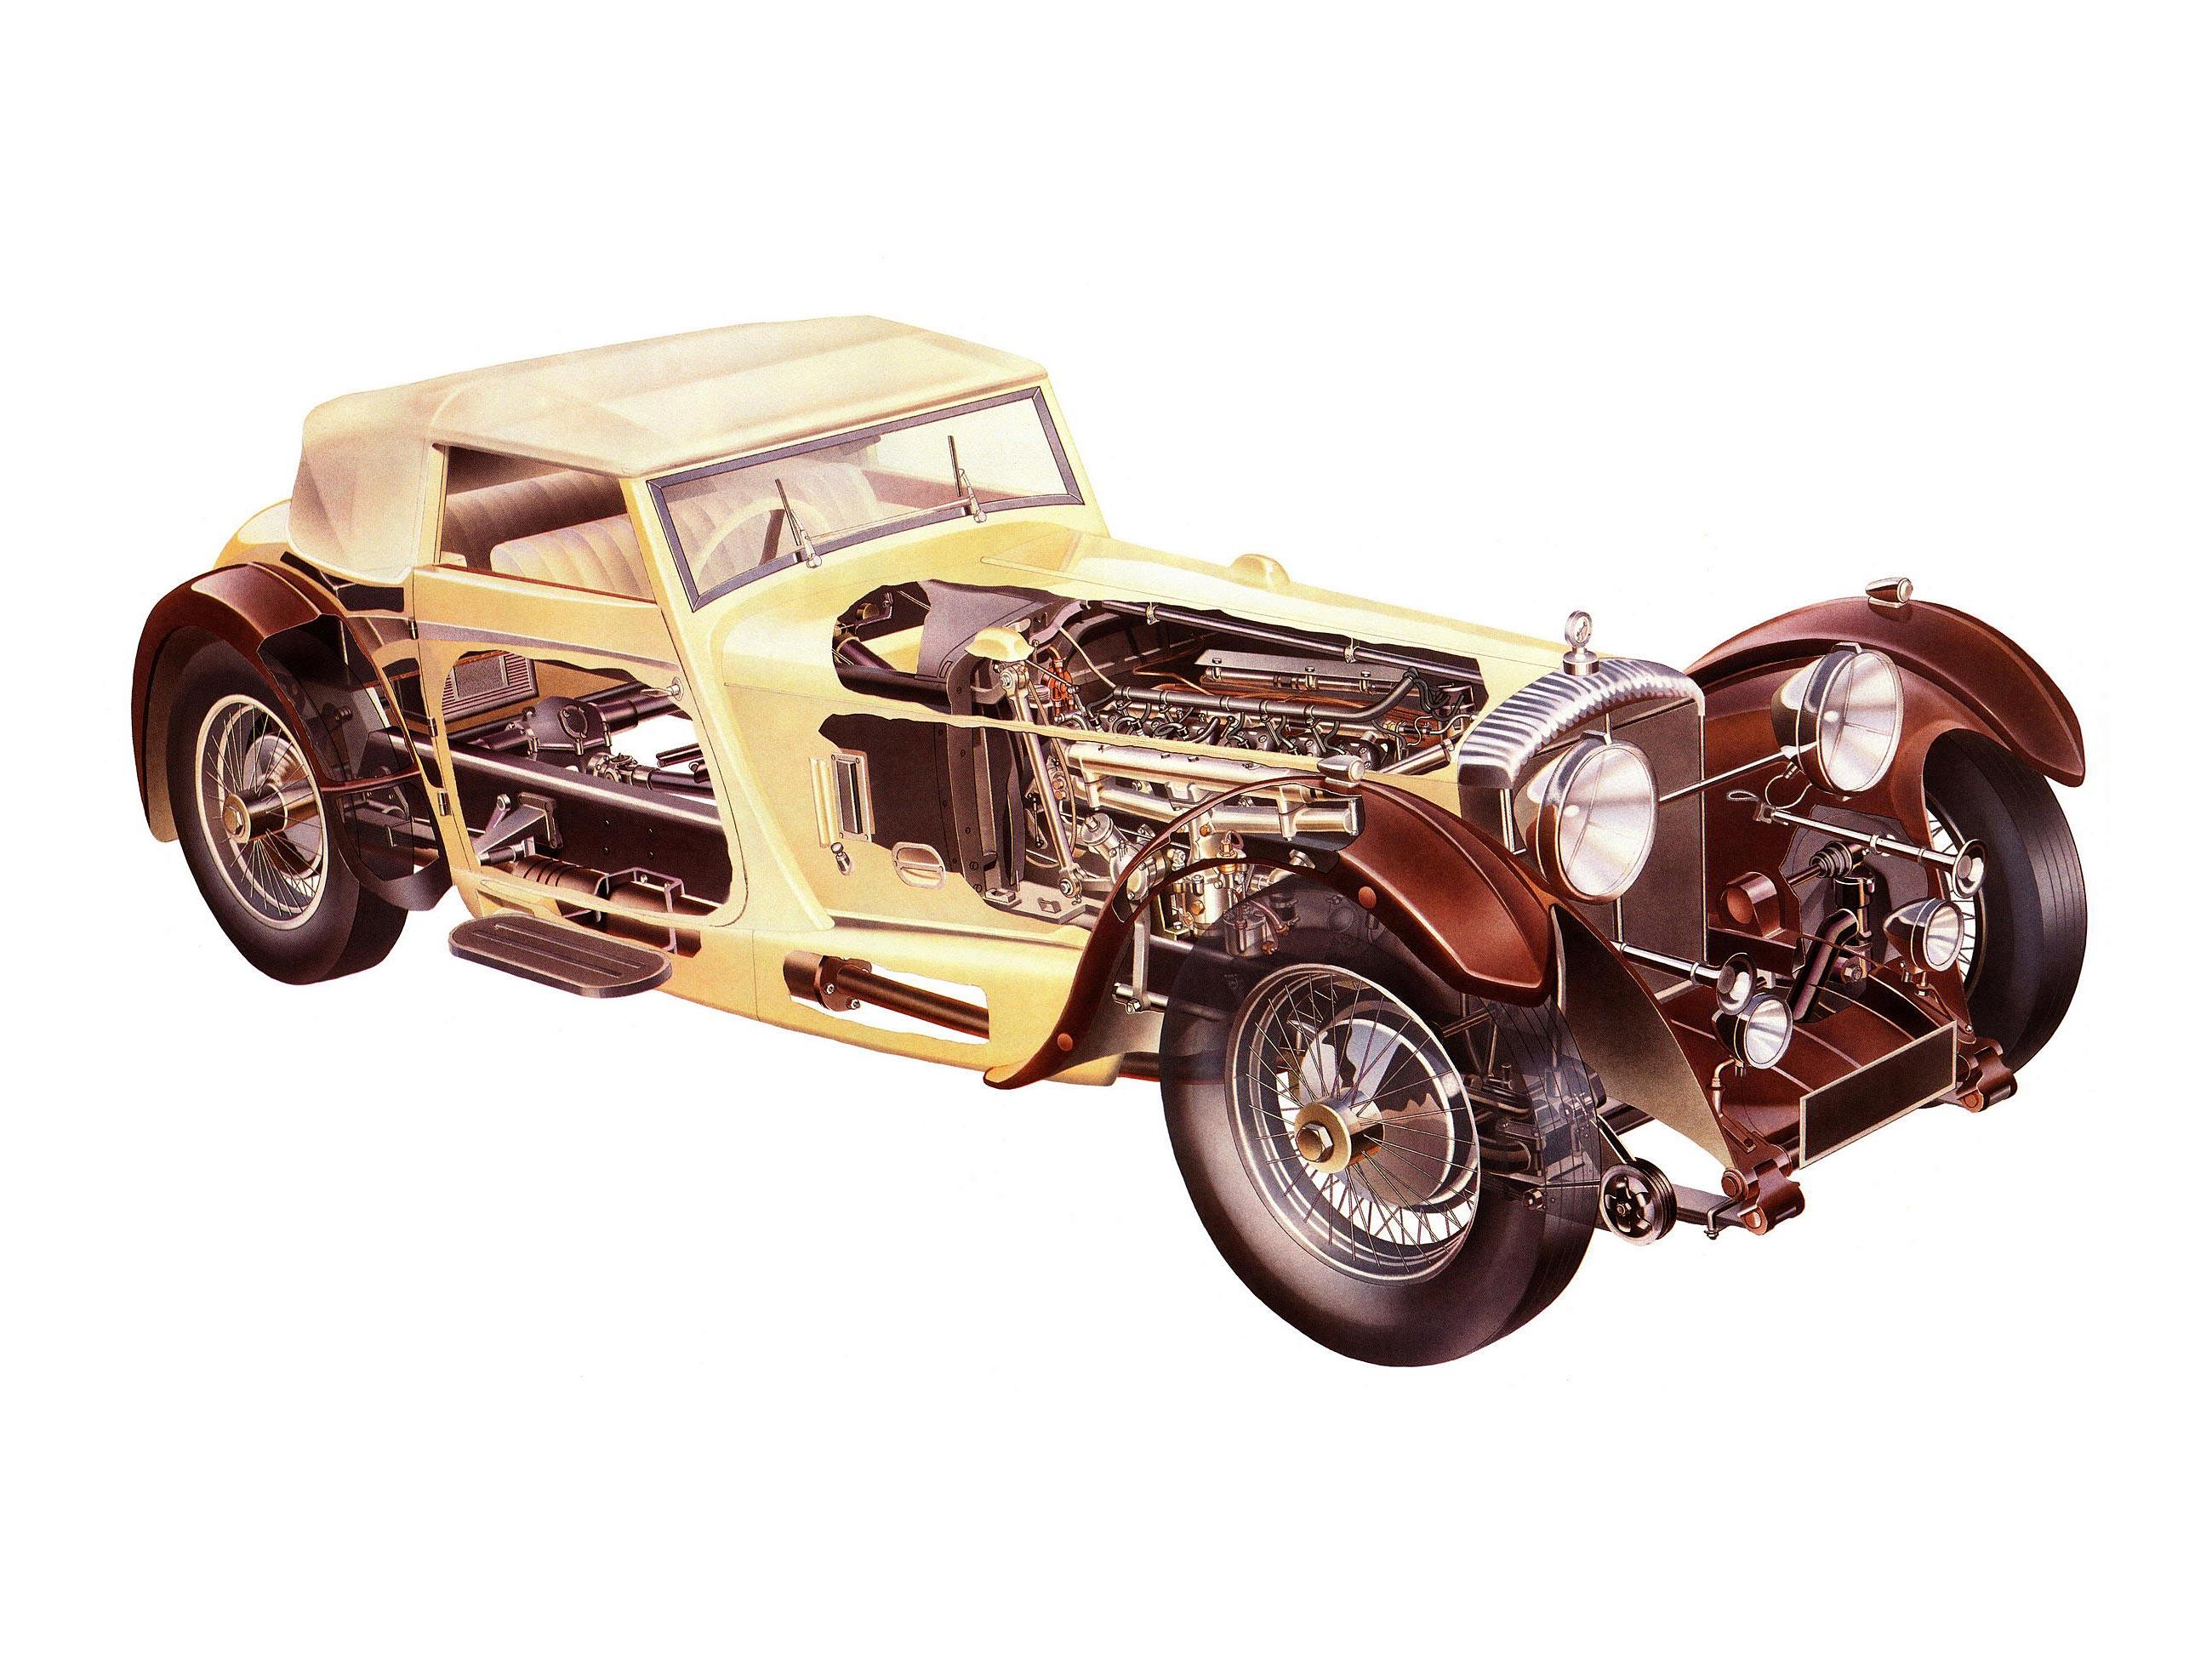 Daimler double-six cutaway drawing